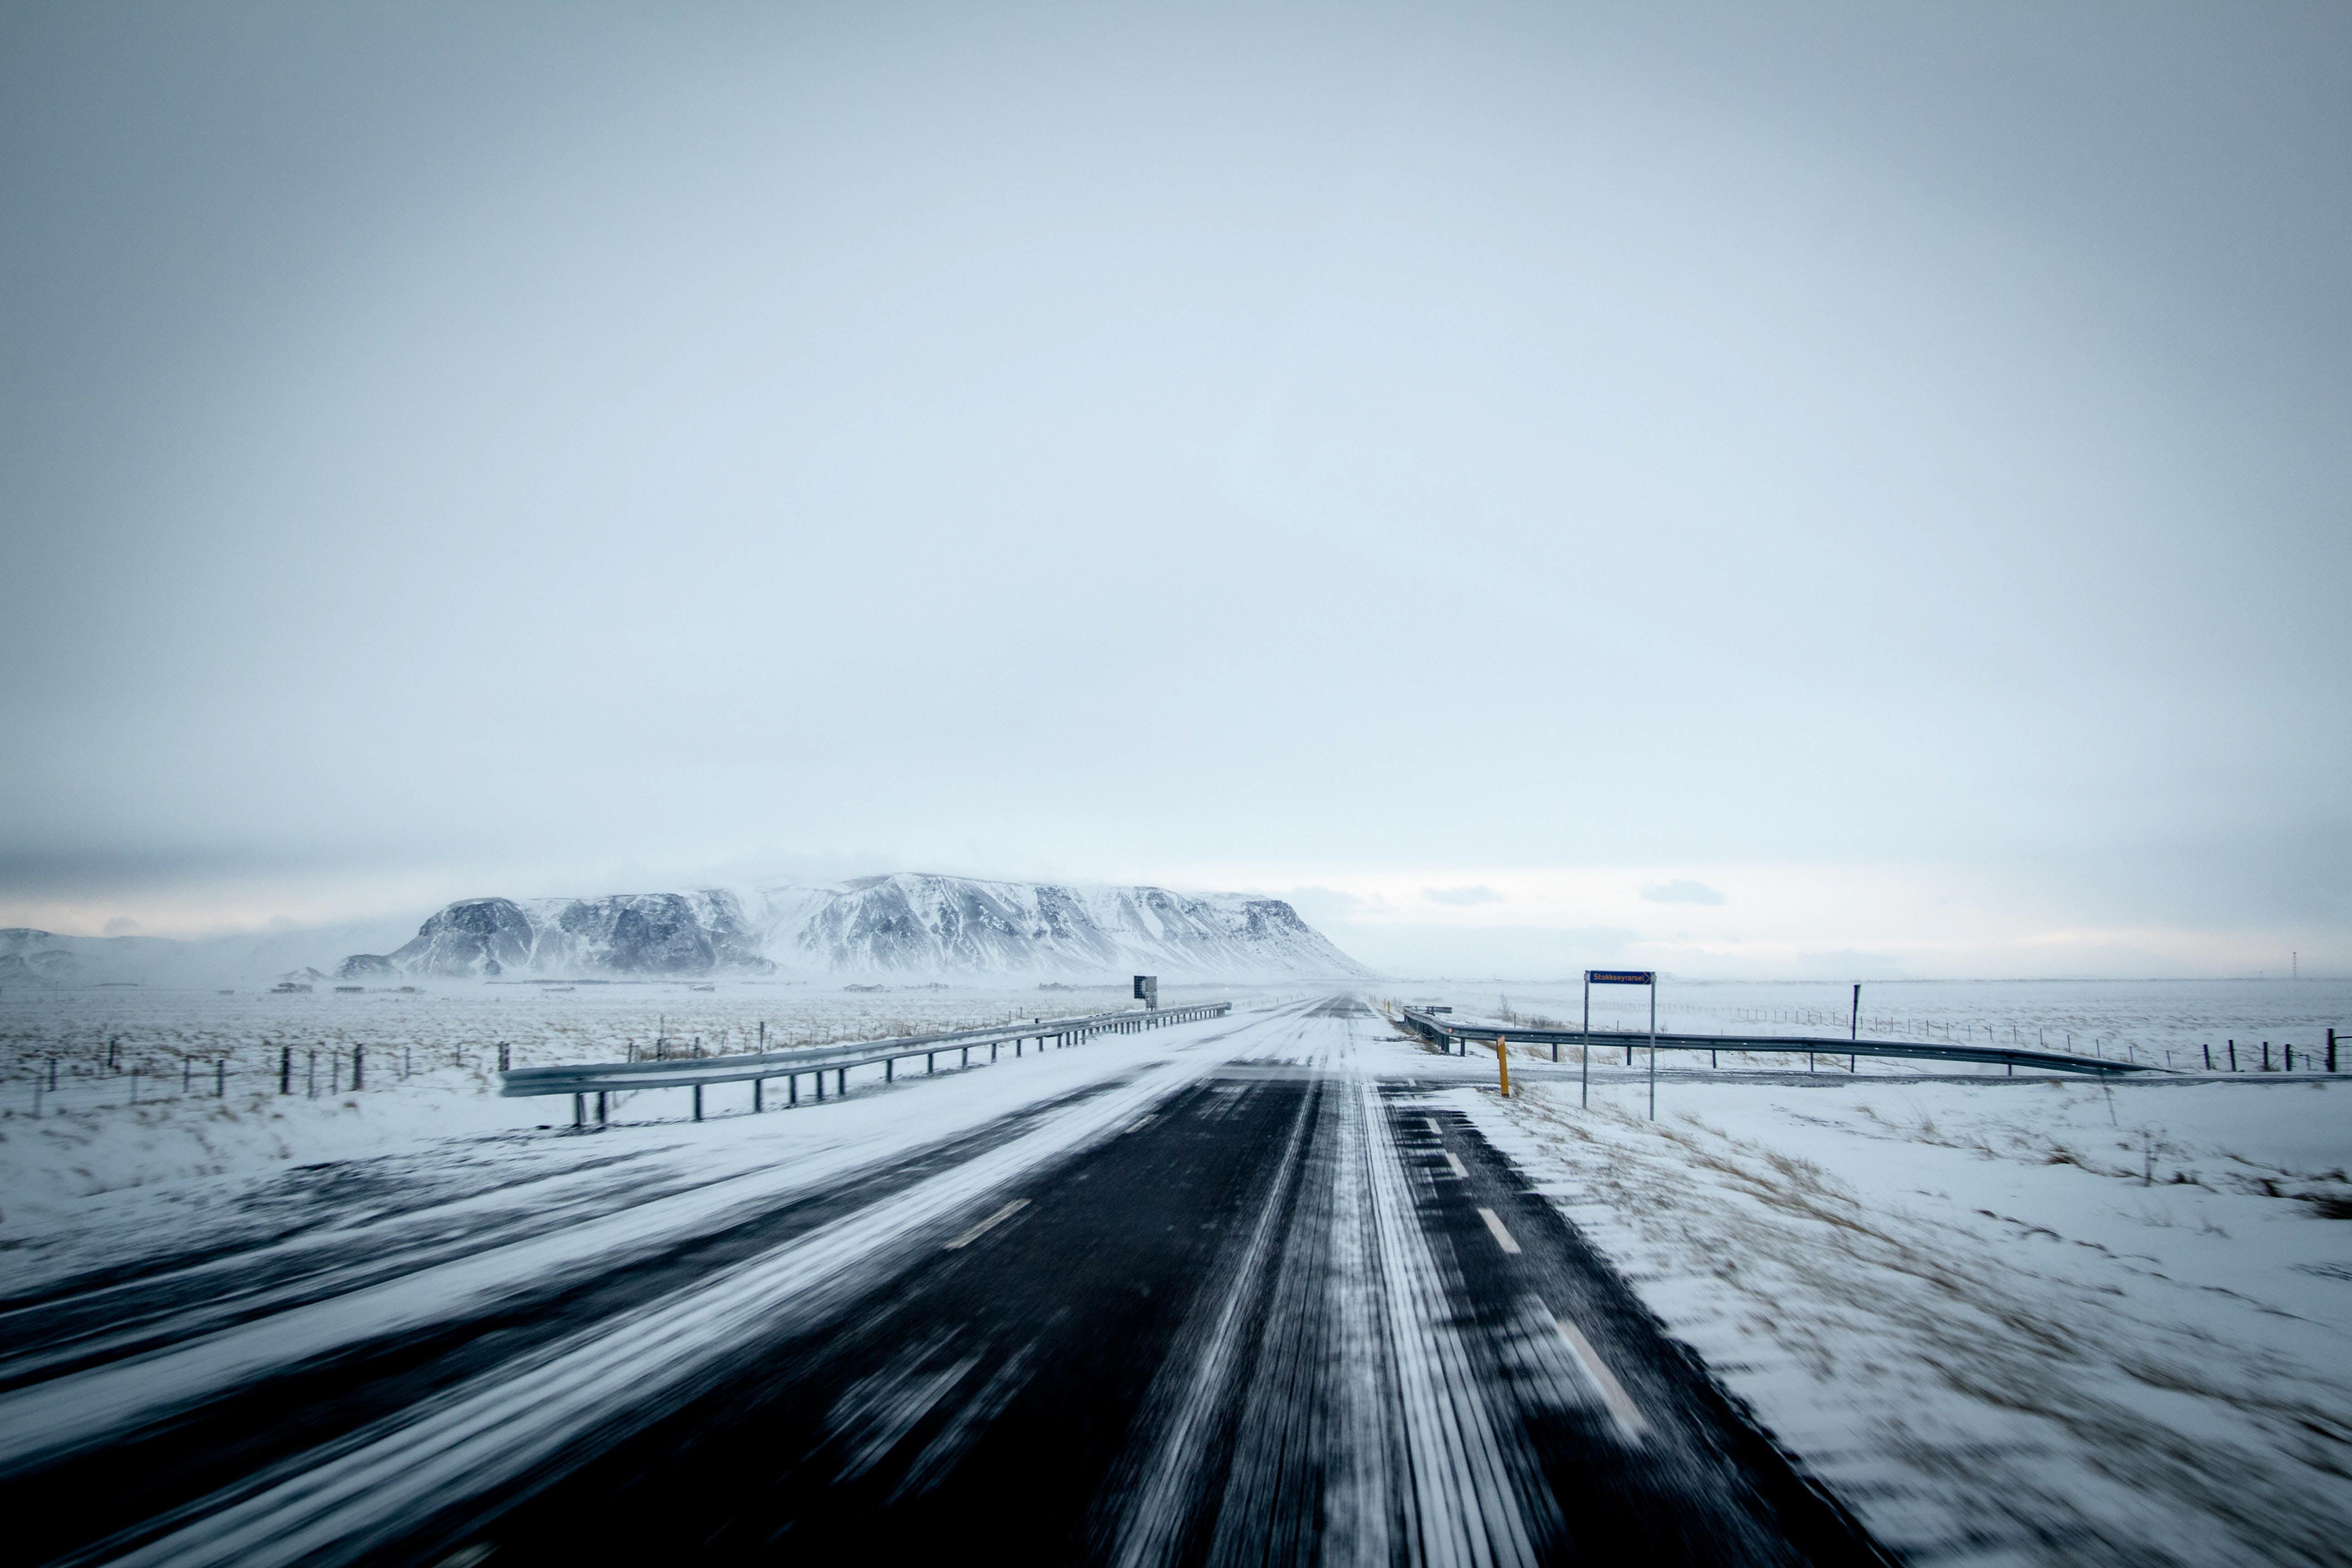 Free stock photo of snow, road, mountains, street